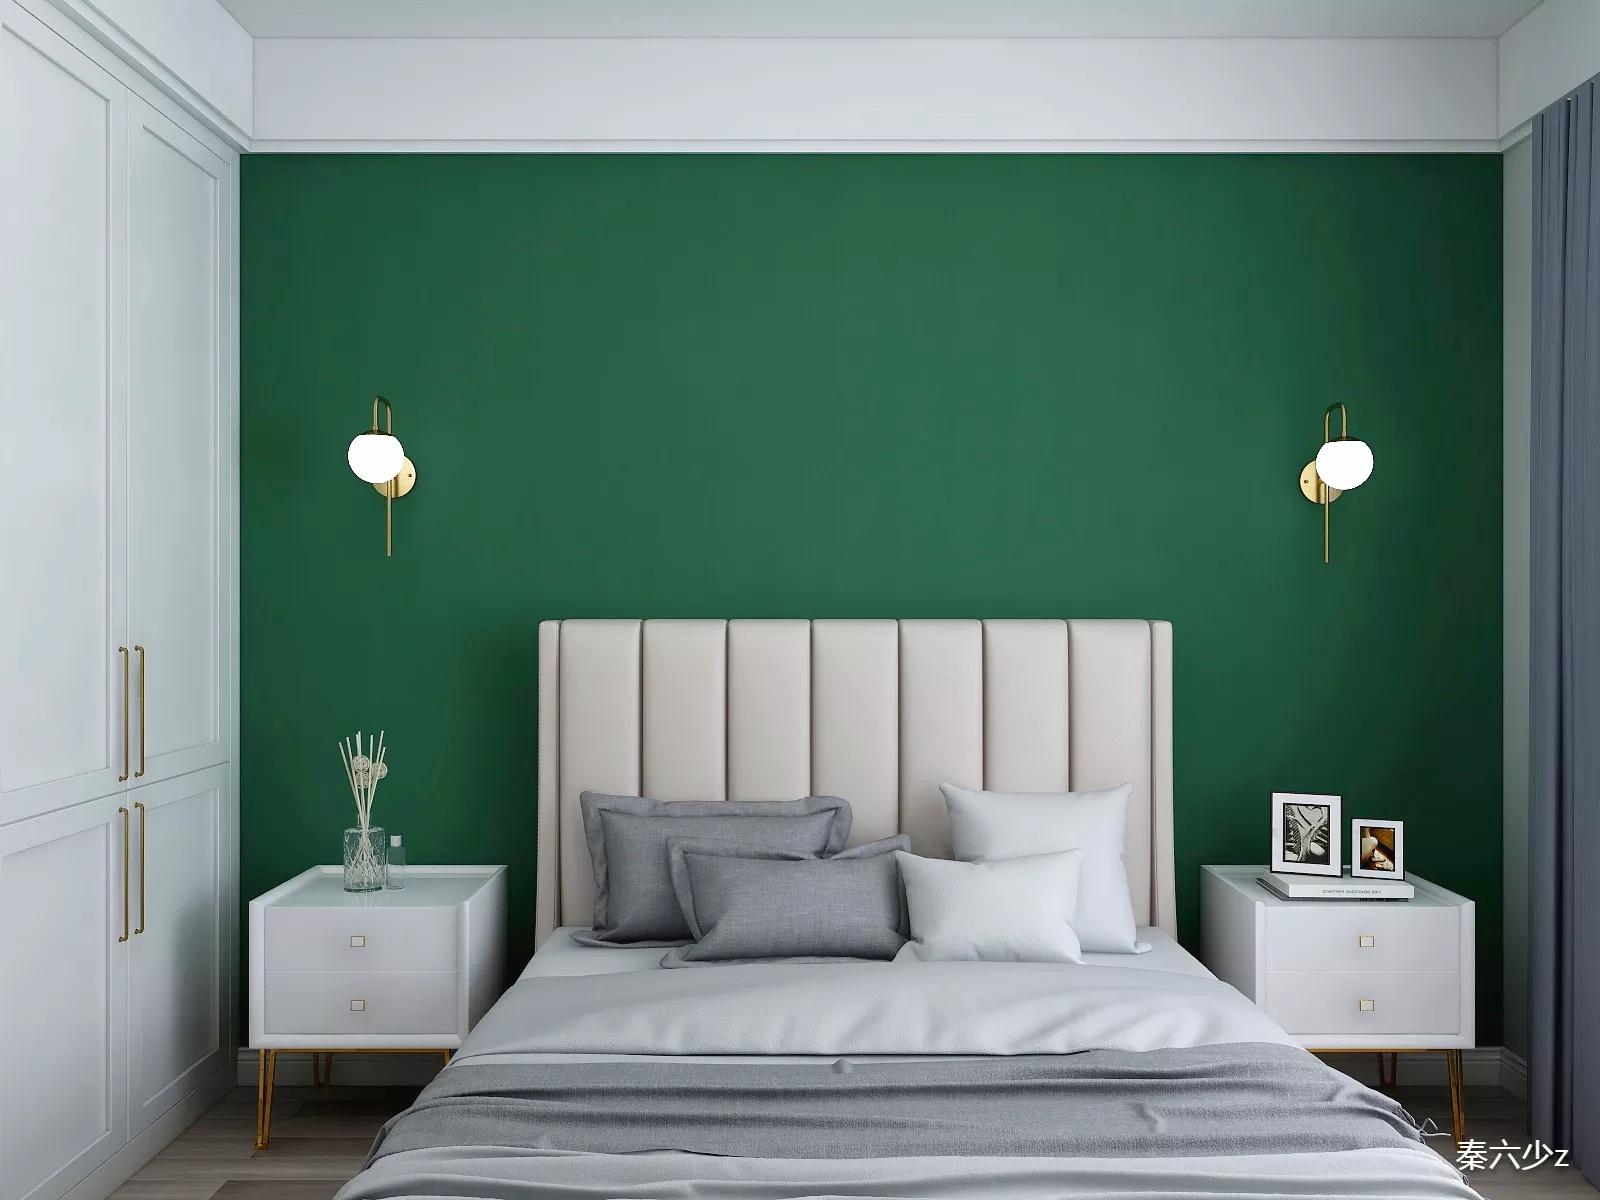 工程瓷砖是什么瓷砖 工程瓷砖和家用瓷砖有什么不同